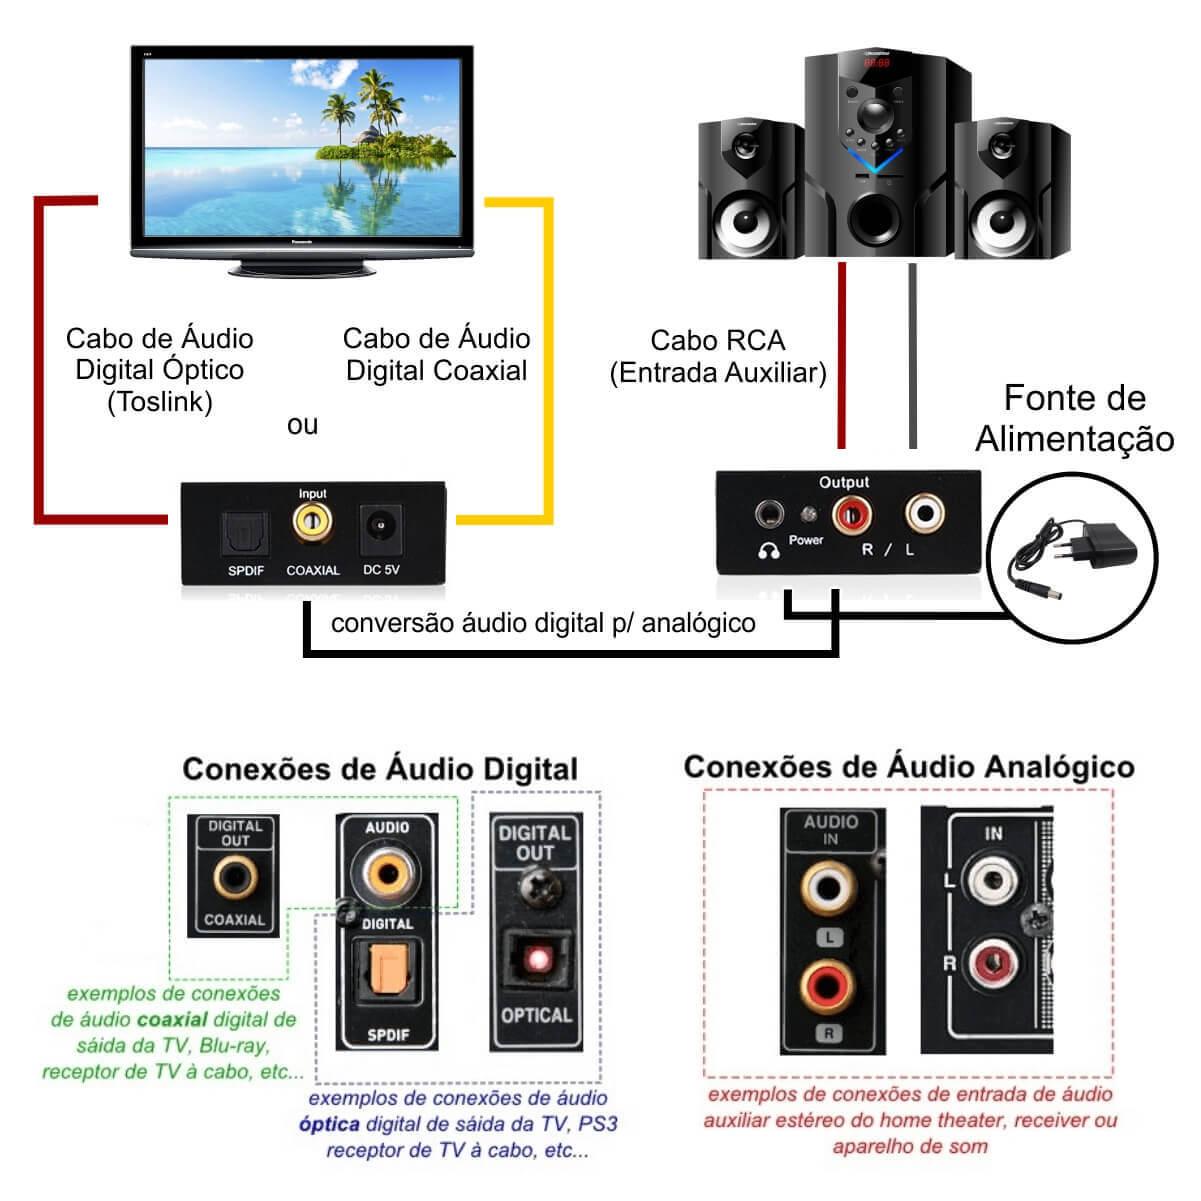 KIT Conversor Áudio Digital para RCA e P2 XT-5529 + Cabo Óptico Toslink 3 metros + Cabo DC 5V